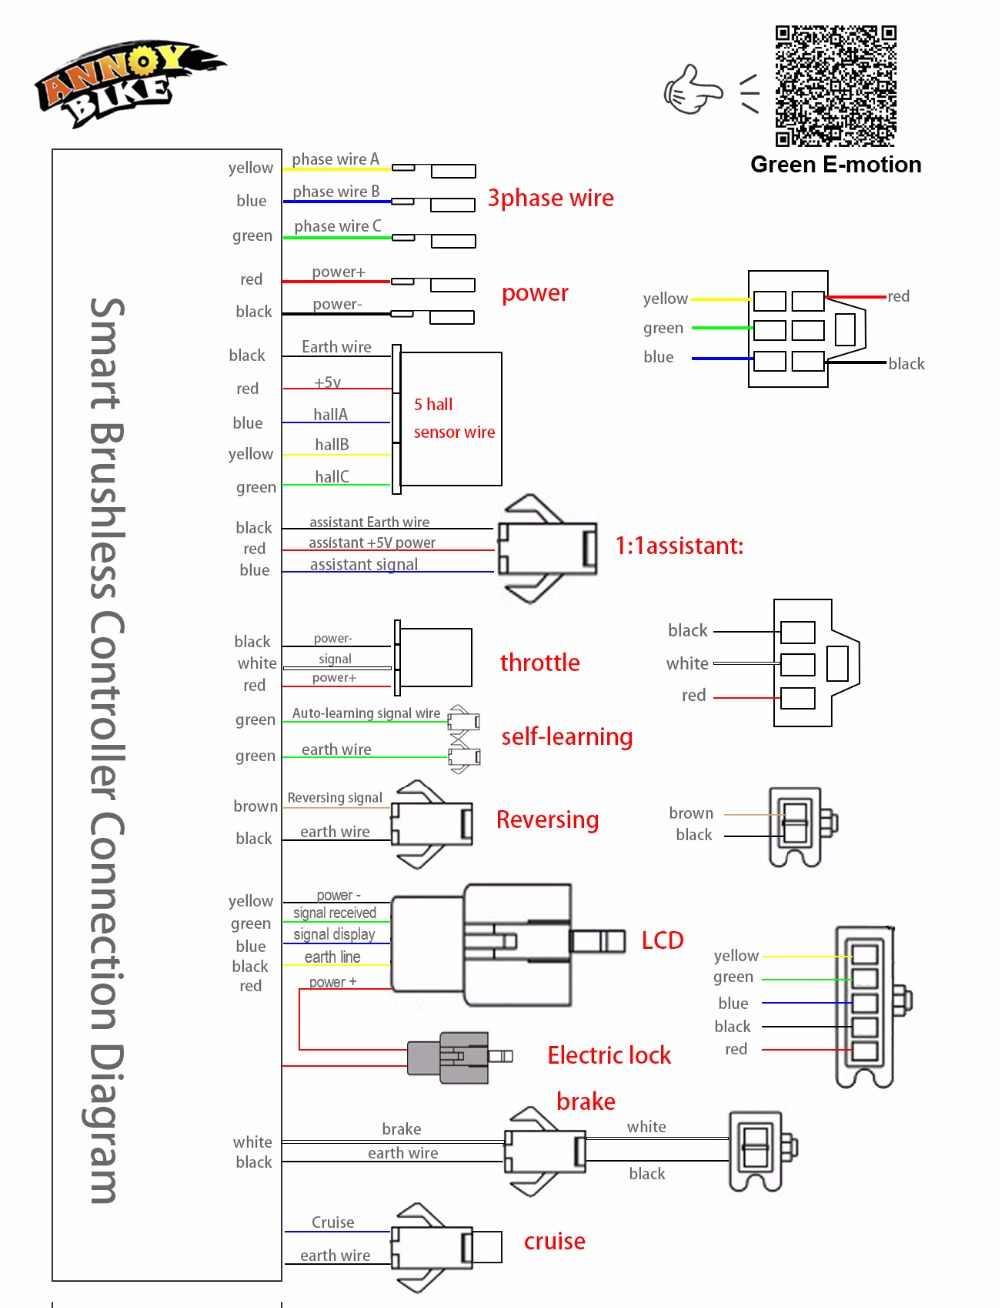 Pedego Wiring Diagram - 1999 Chevy 3500 Wiring Diagram -  volvos80.wiringdol.jeanjaures37.frWiring Diagram Resource